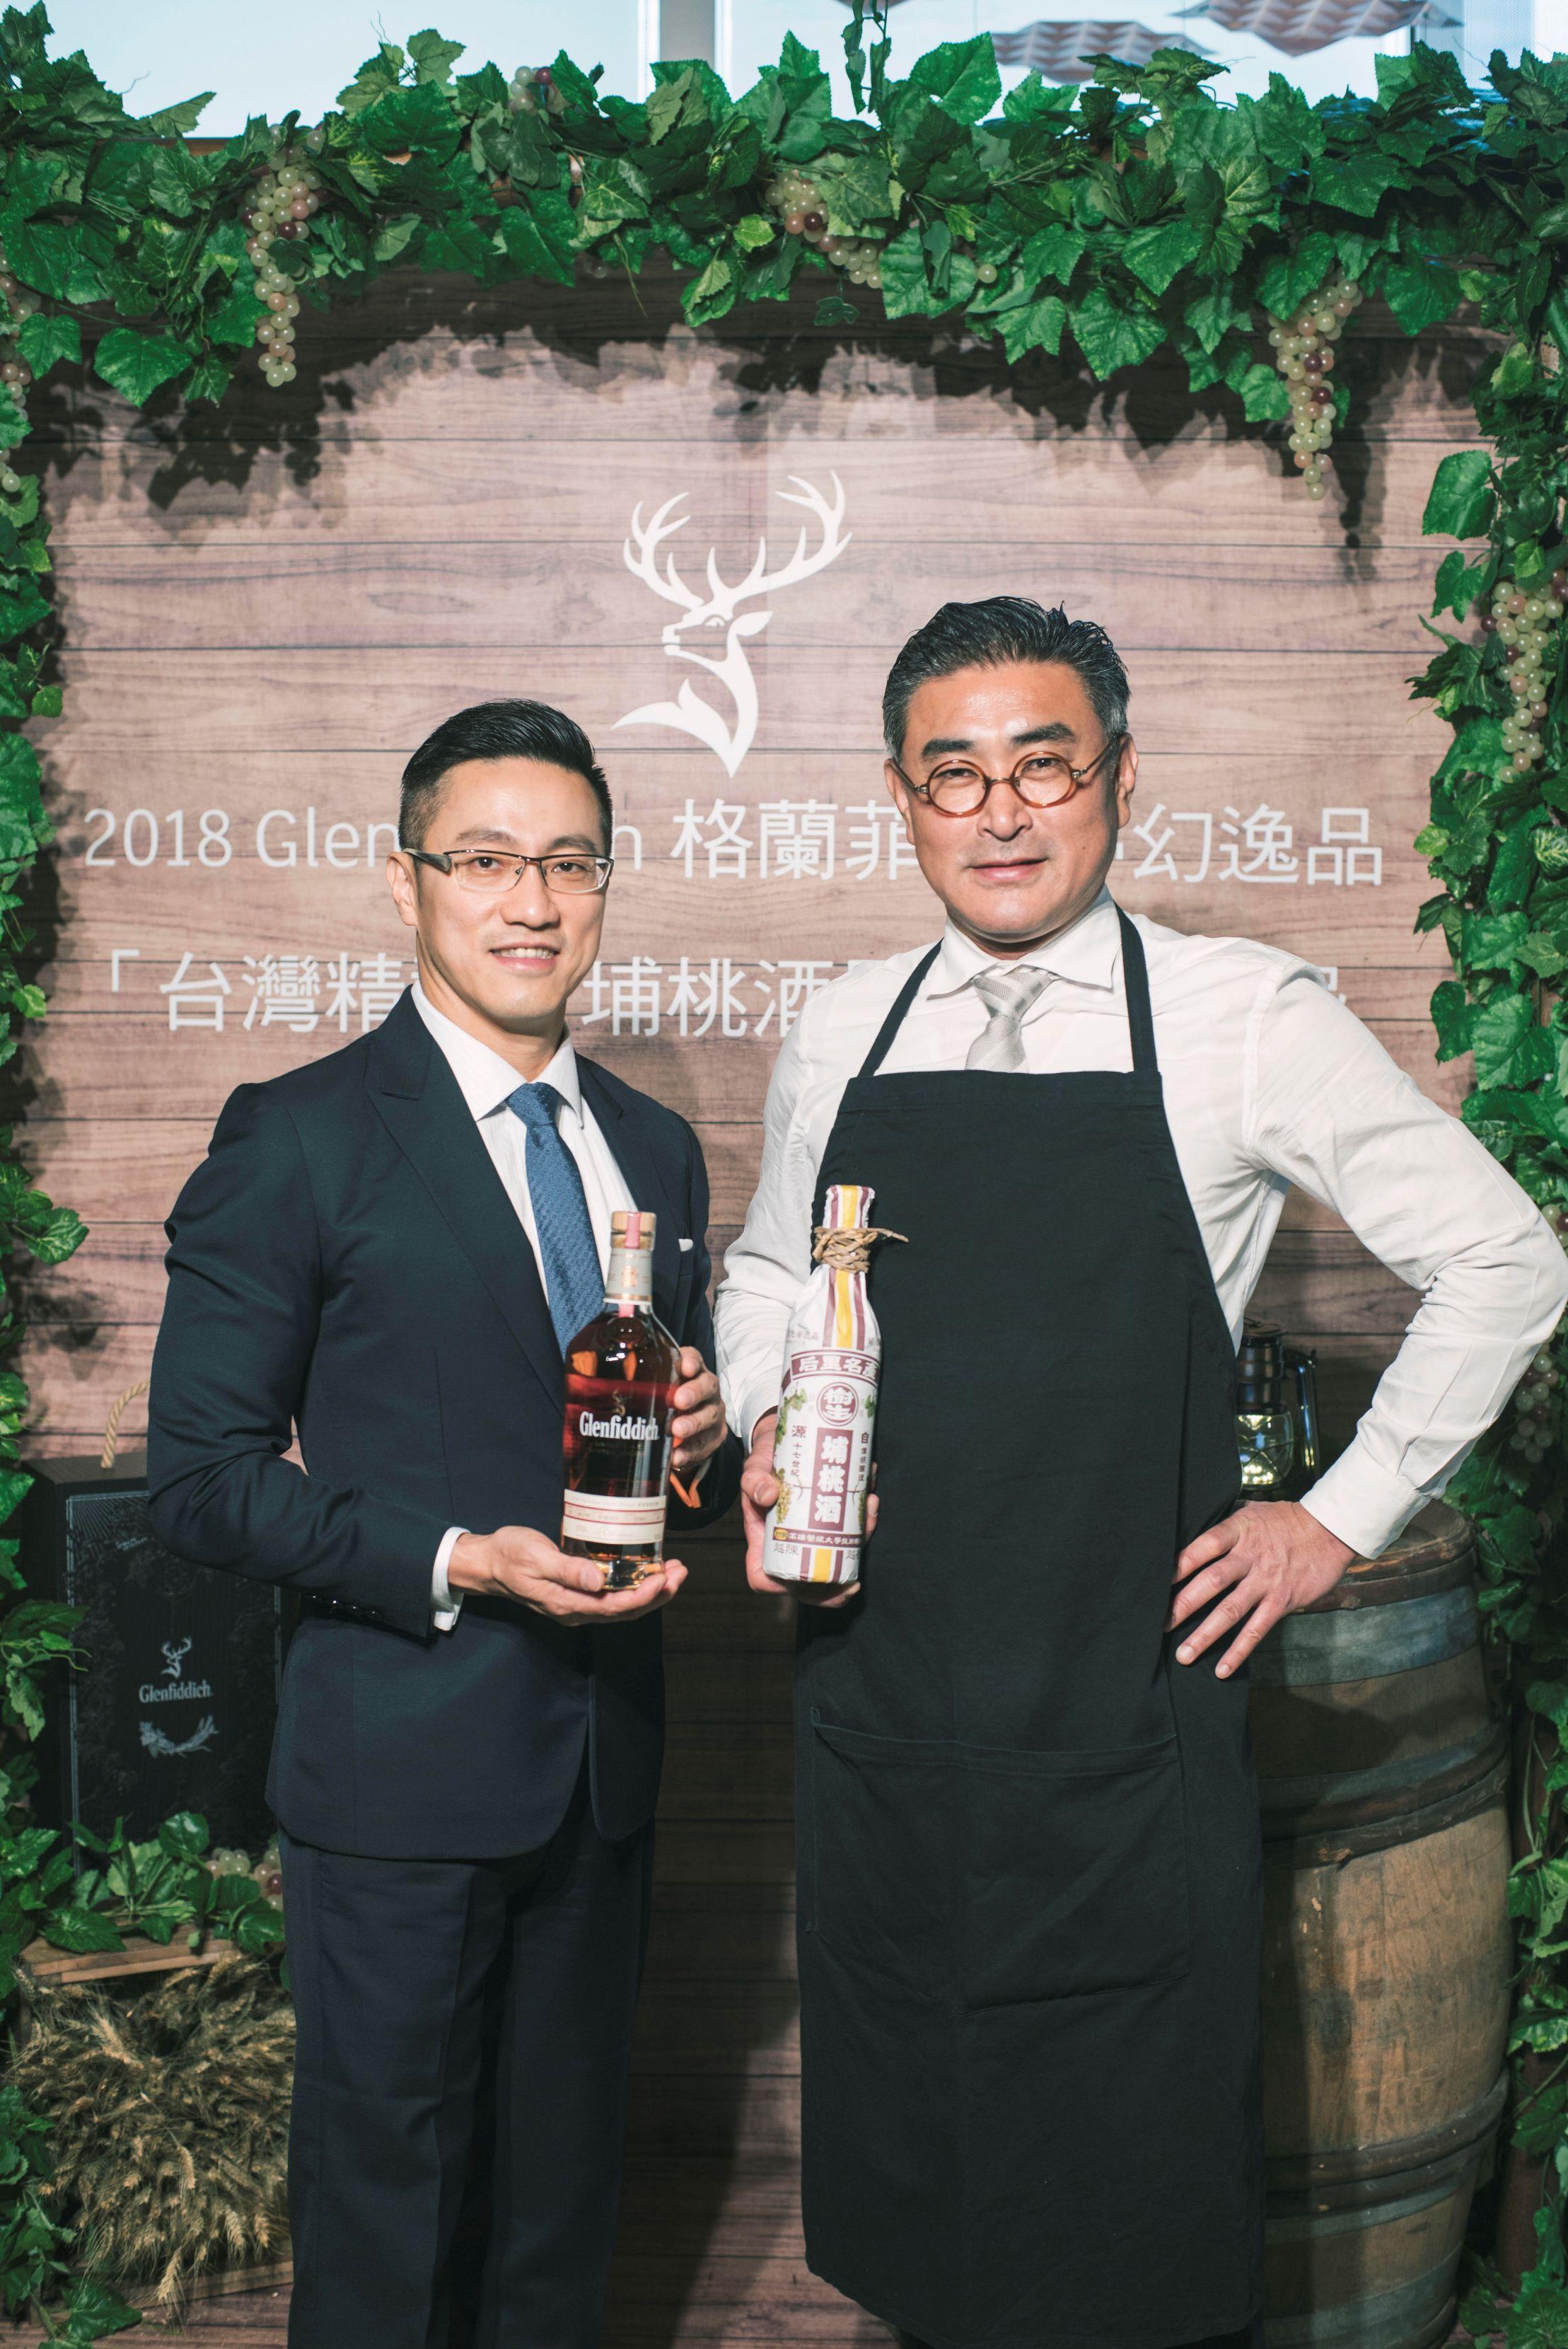 一面屬於全台灣人的金牌 英國倫敦國際烈酒競賽ISC金牌大獎